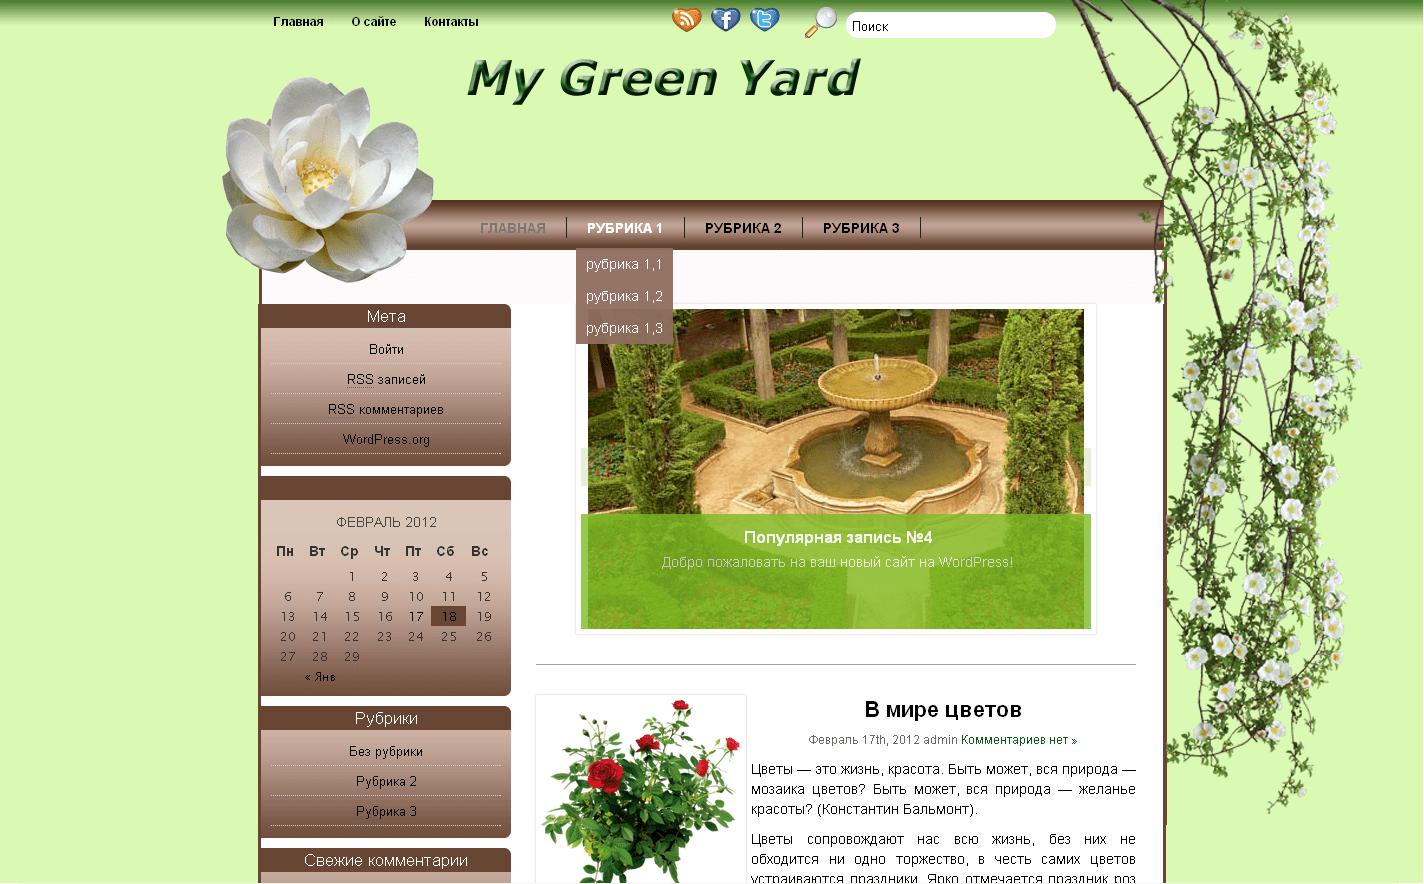 Шаблон садоводство My Green Yard для WP